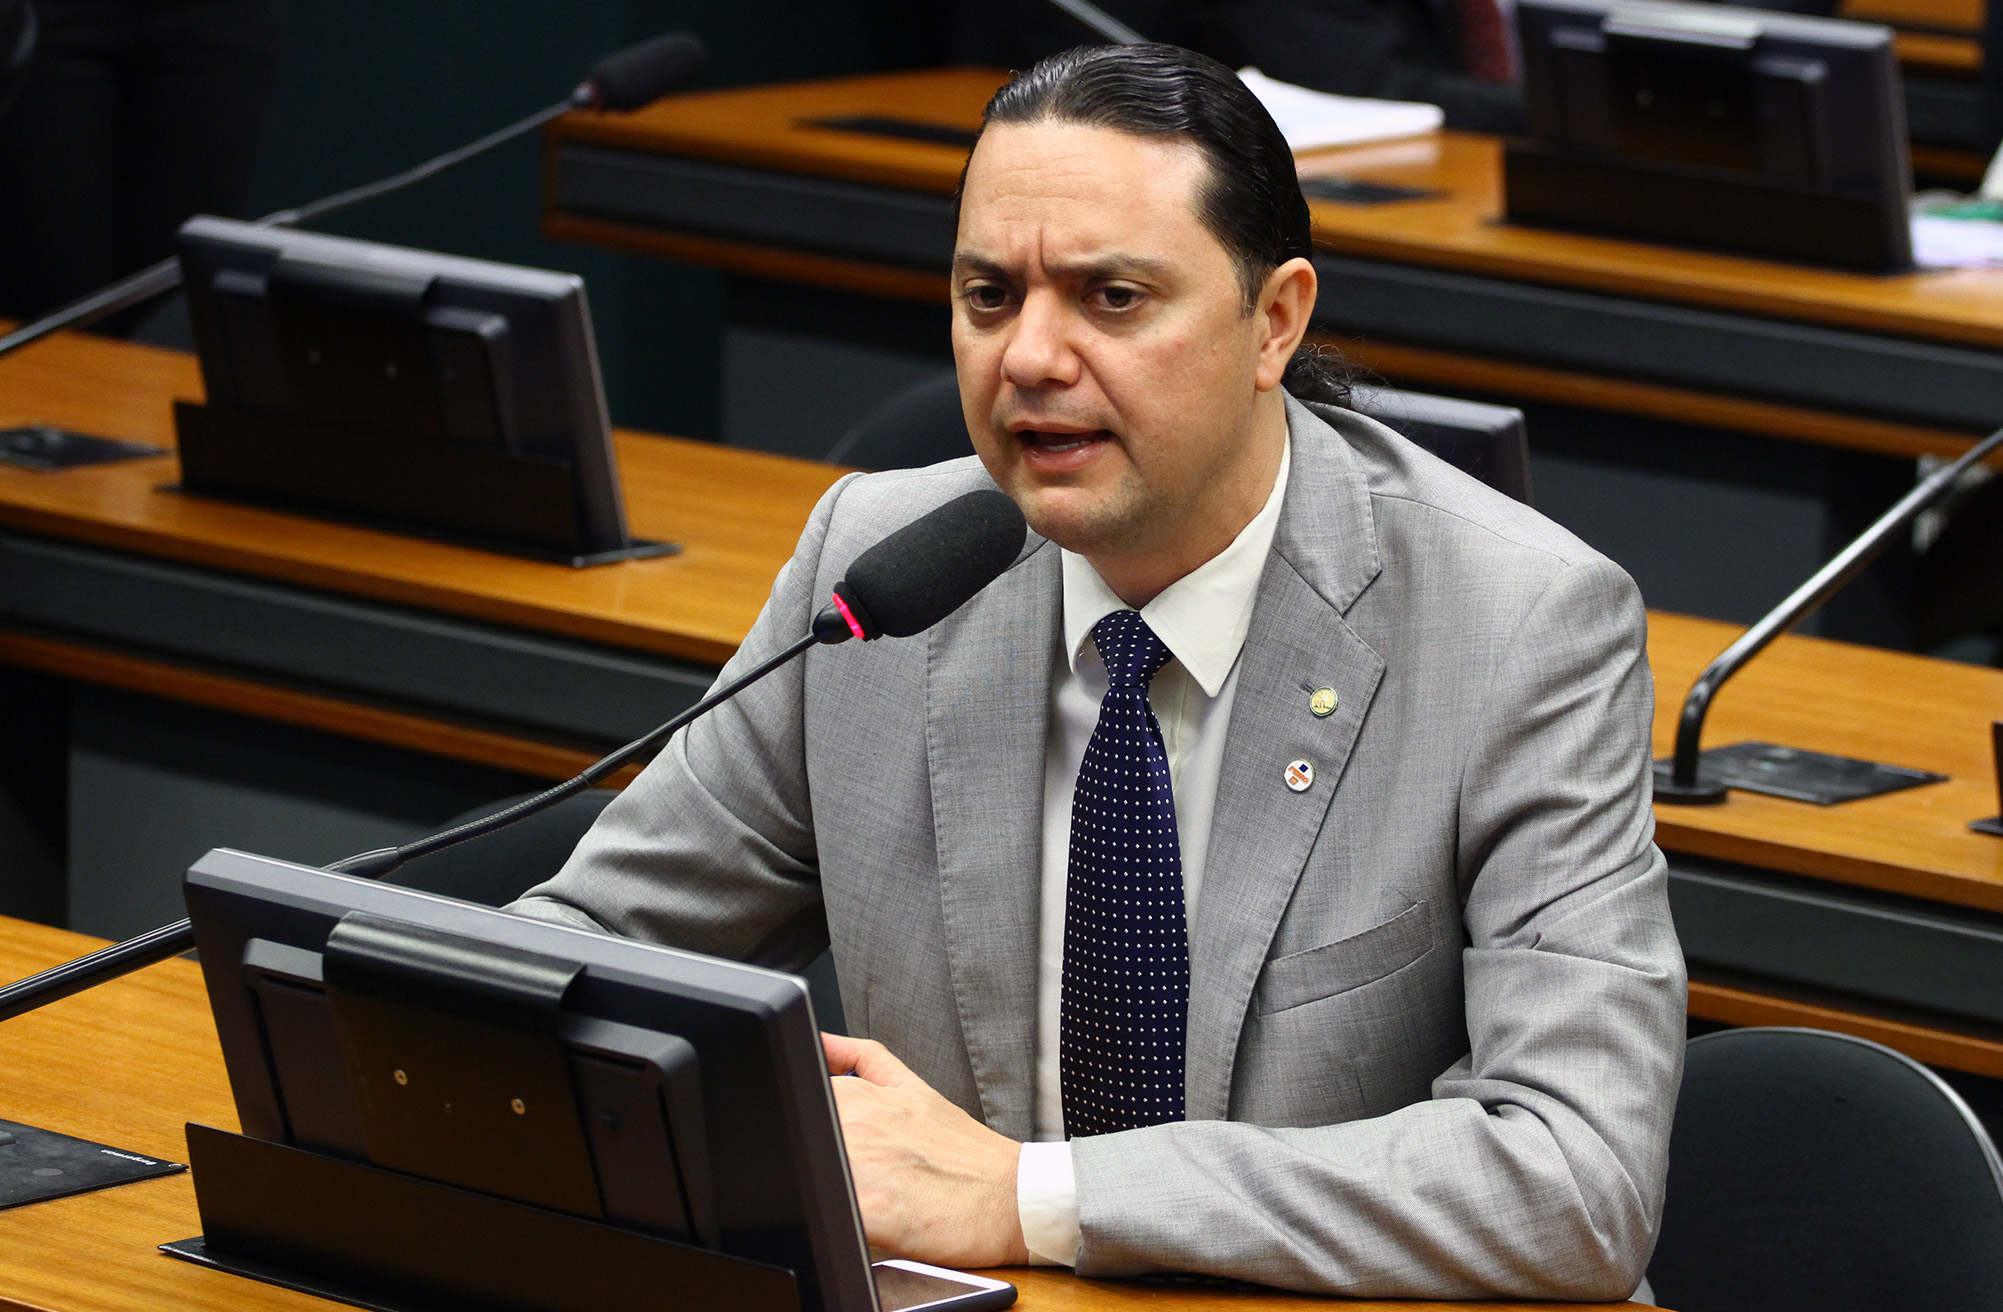 Reunião ordinária. Dep. Weliton Prado (PROS - MG)